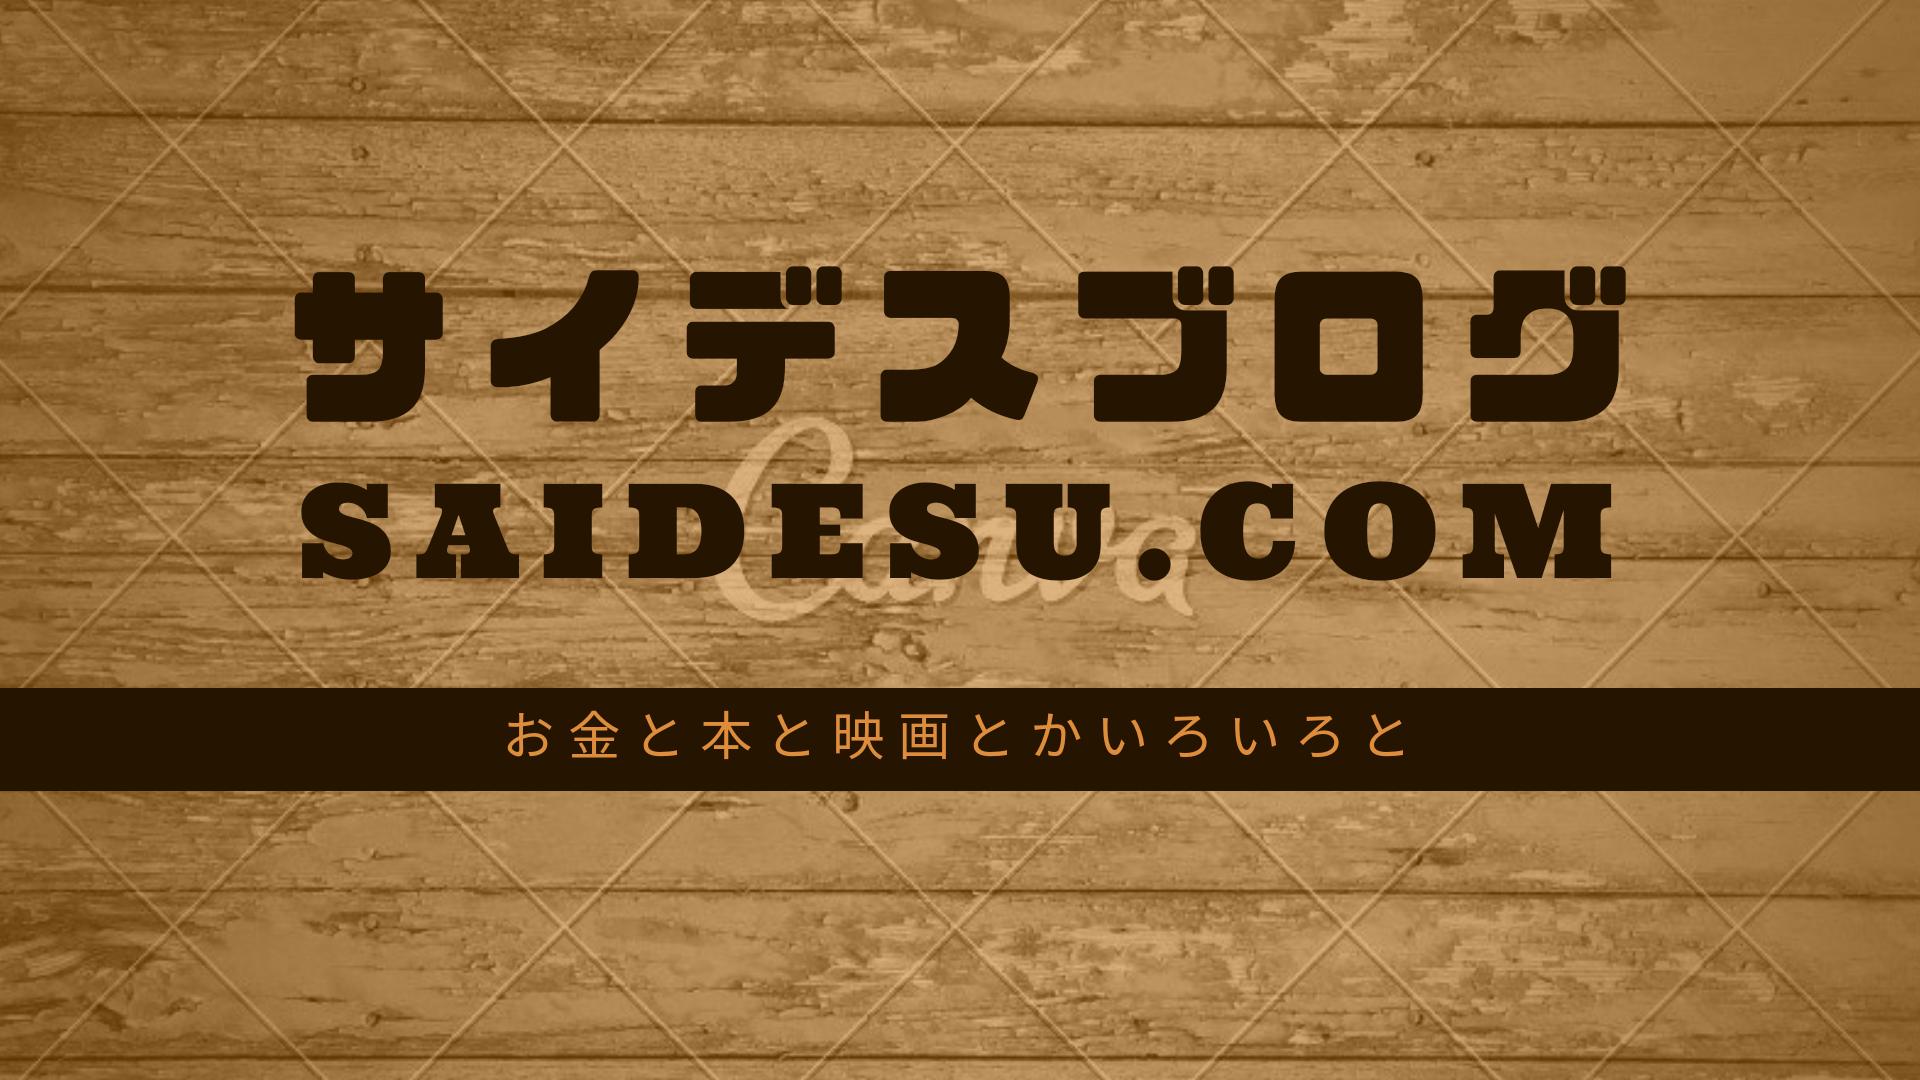 サイデス・ブログ